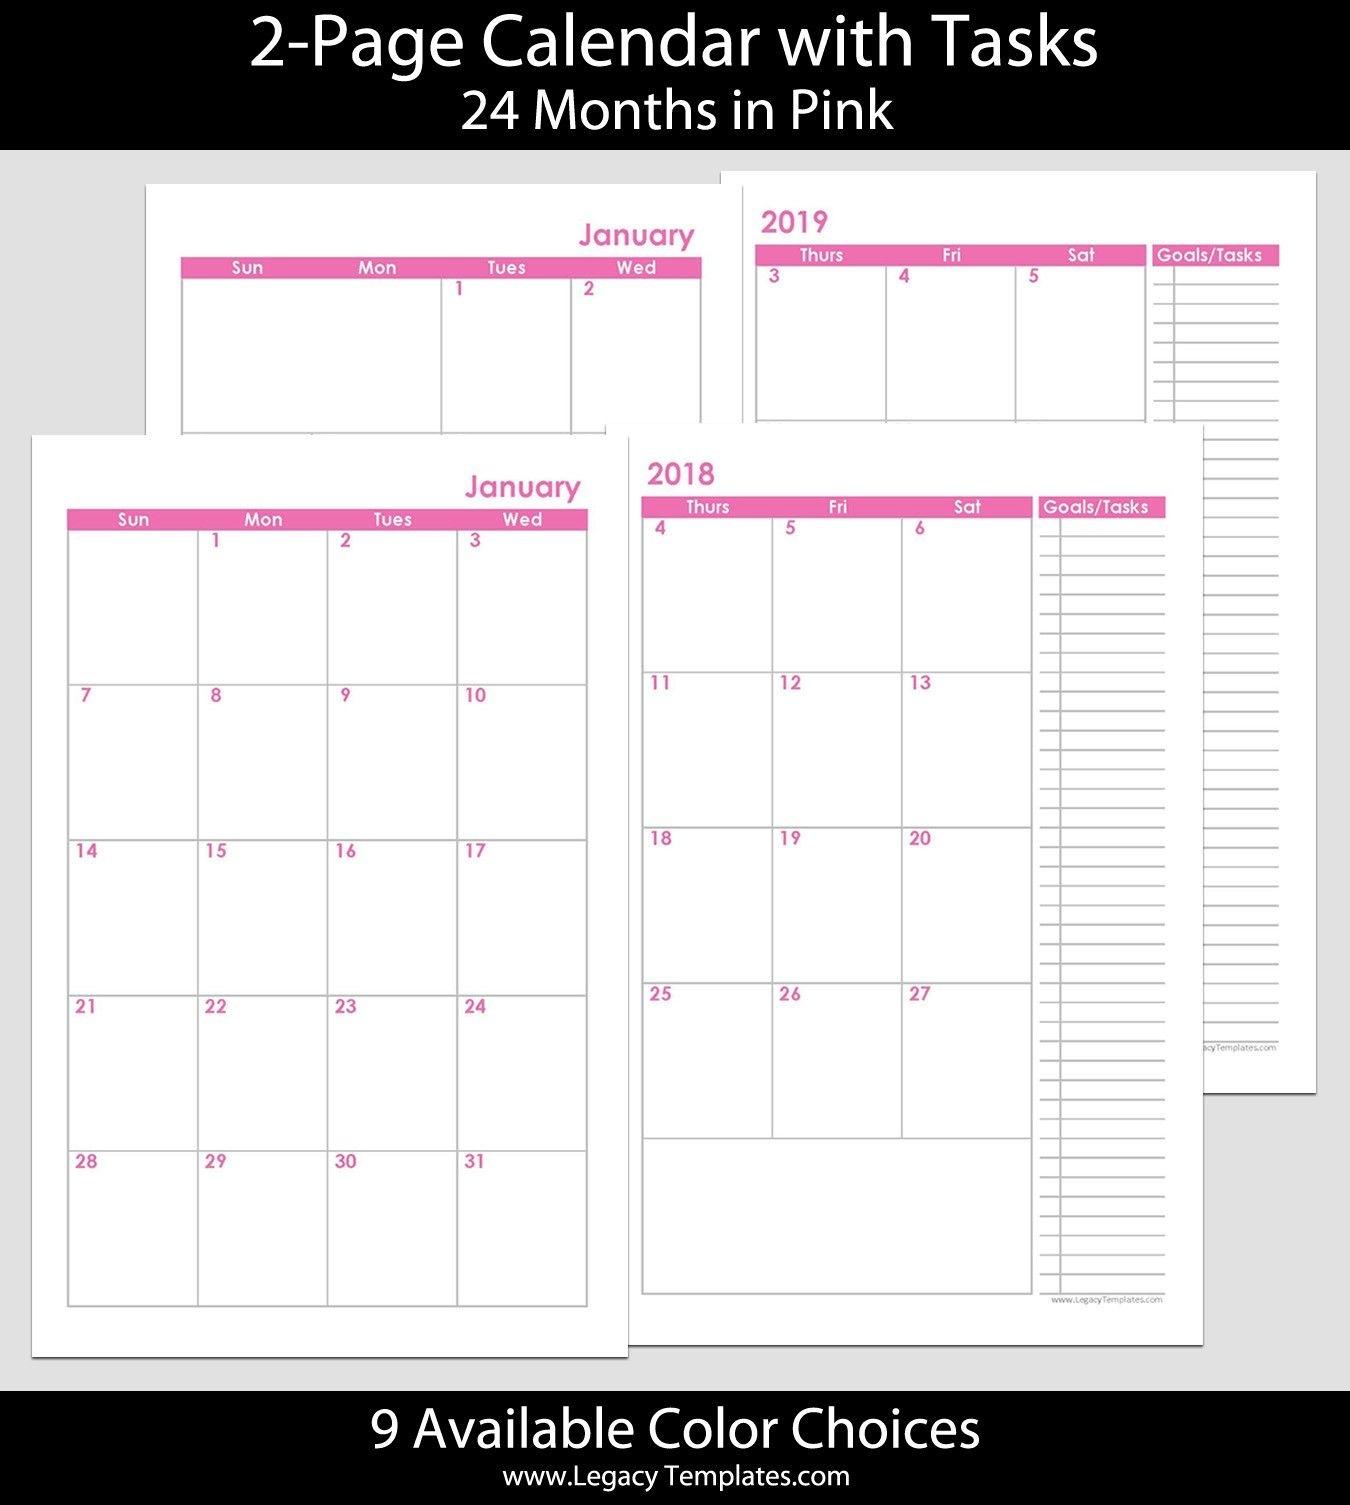 5.5 X 8.5 Planner Template Luxury 2018 & 2019 24 Months 2 Calendar Template 5.5 X 8.5